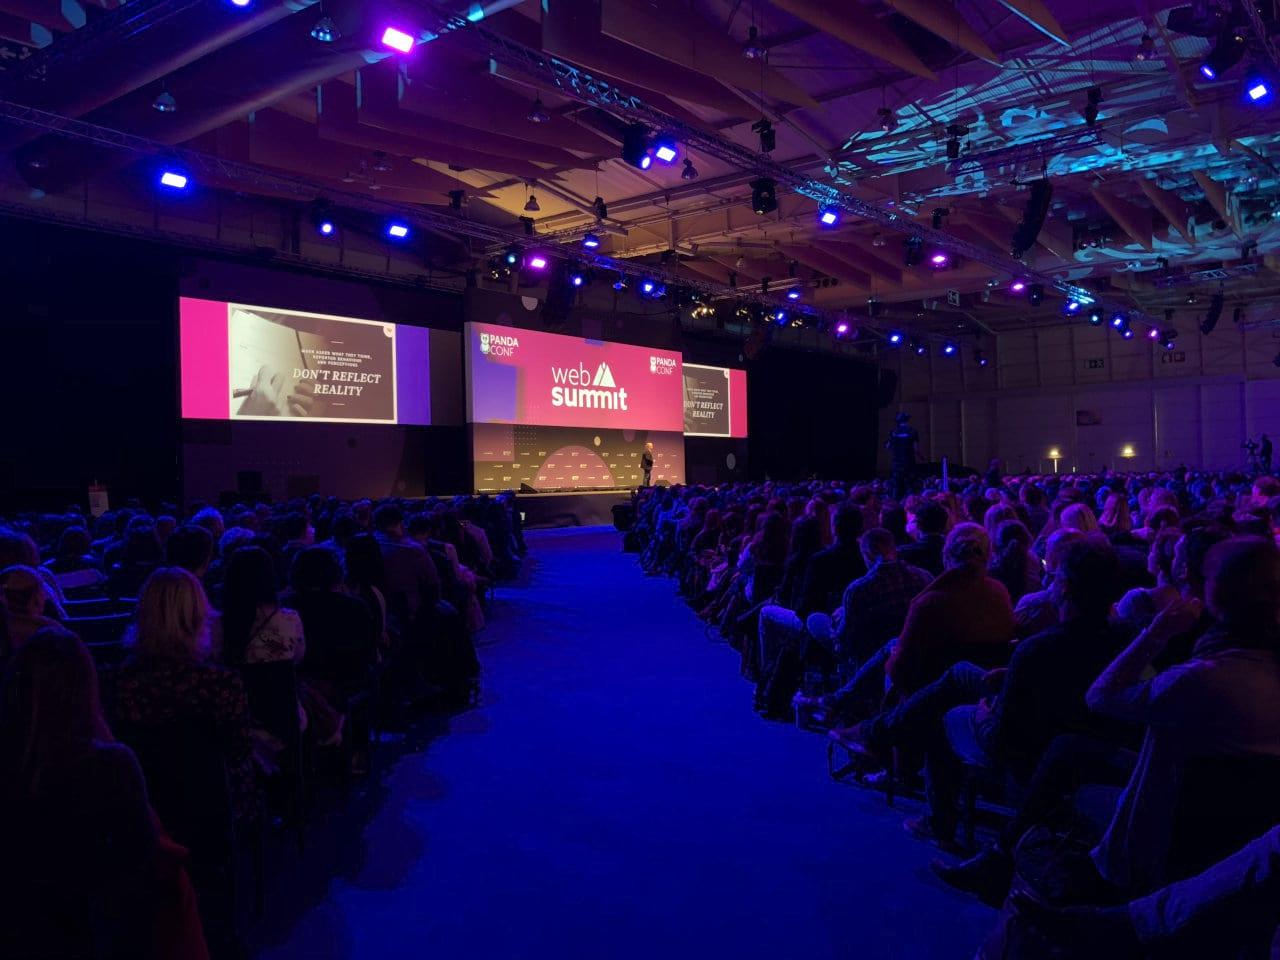 """Web Summit 2018 – Debrief jour #1 : """"Quel meilleur web pour demain ?"""""""